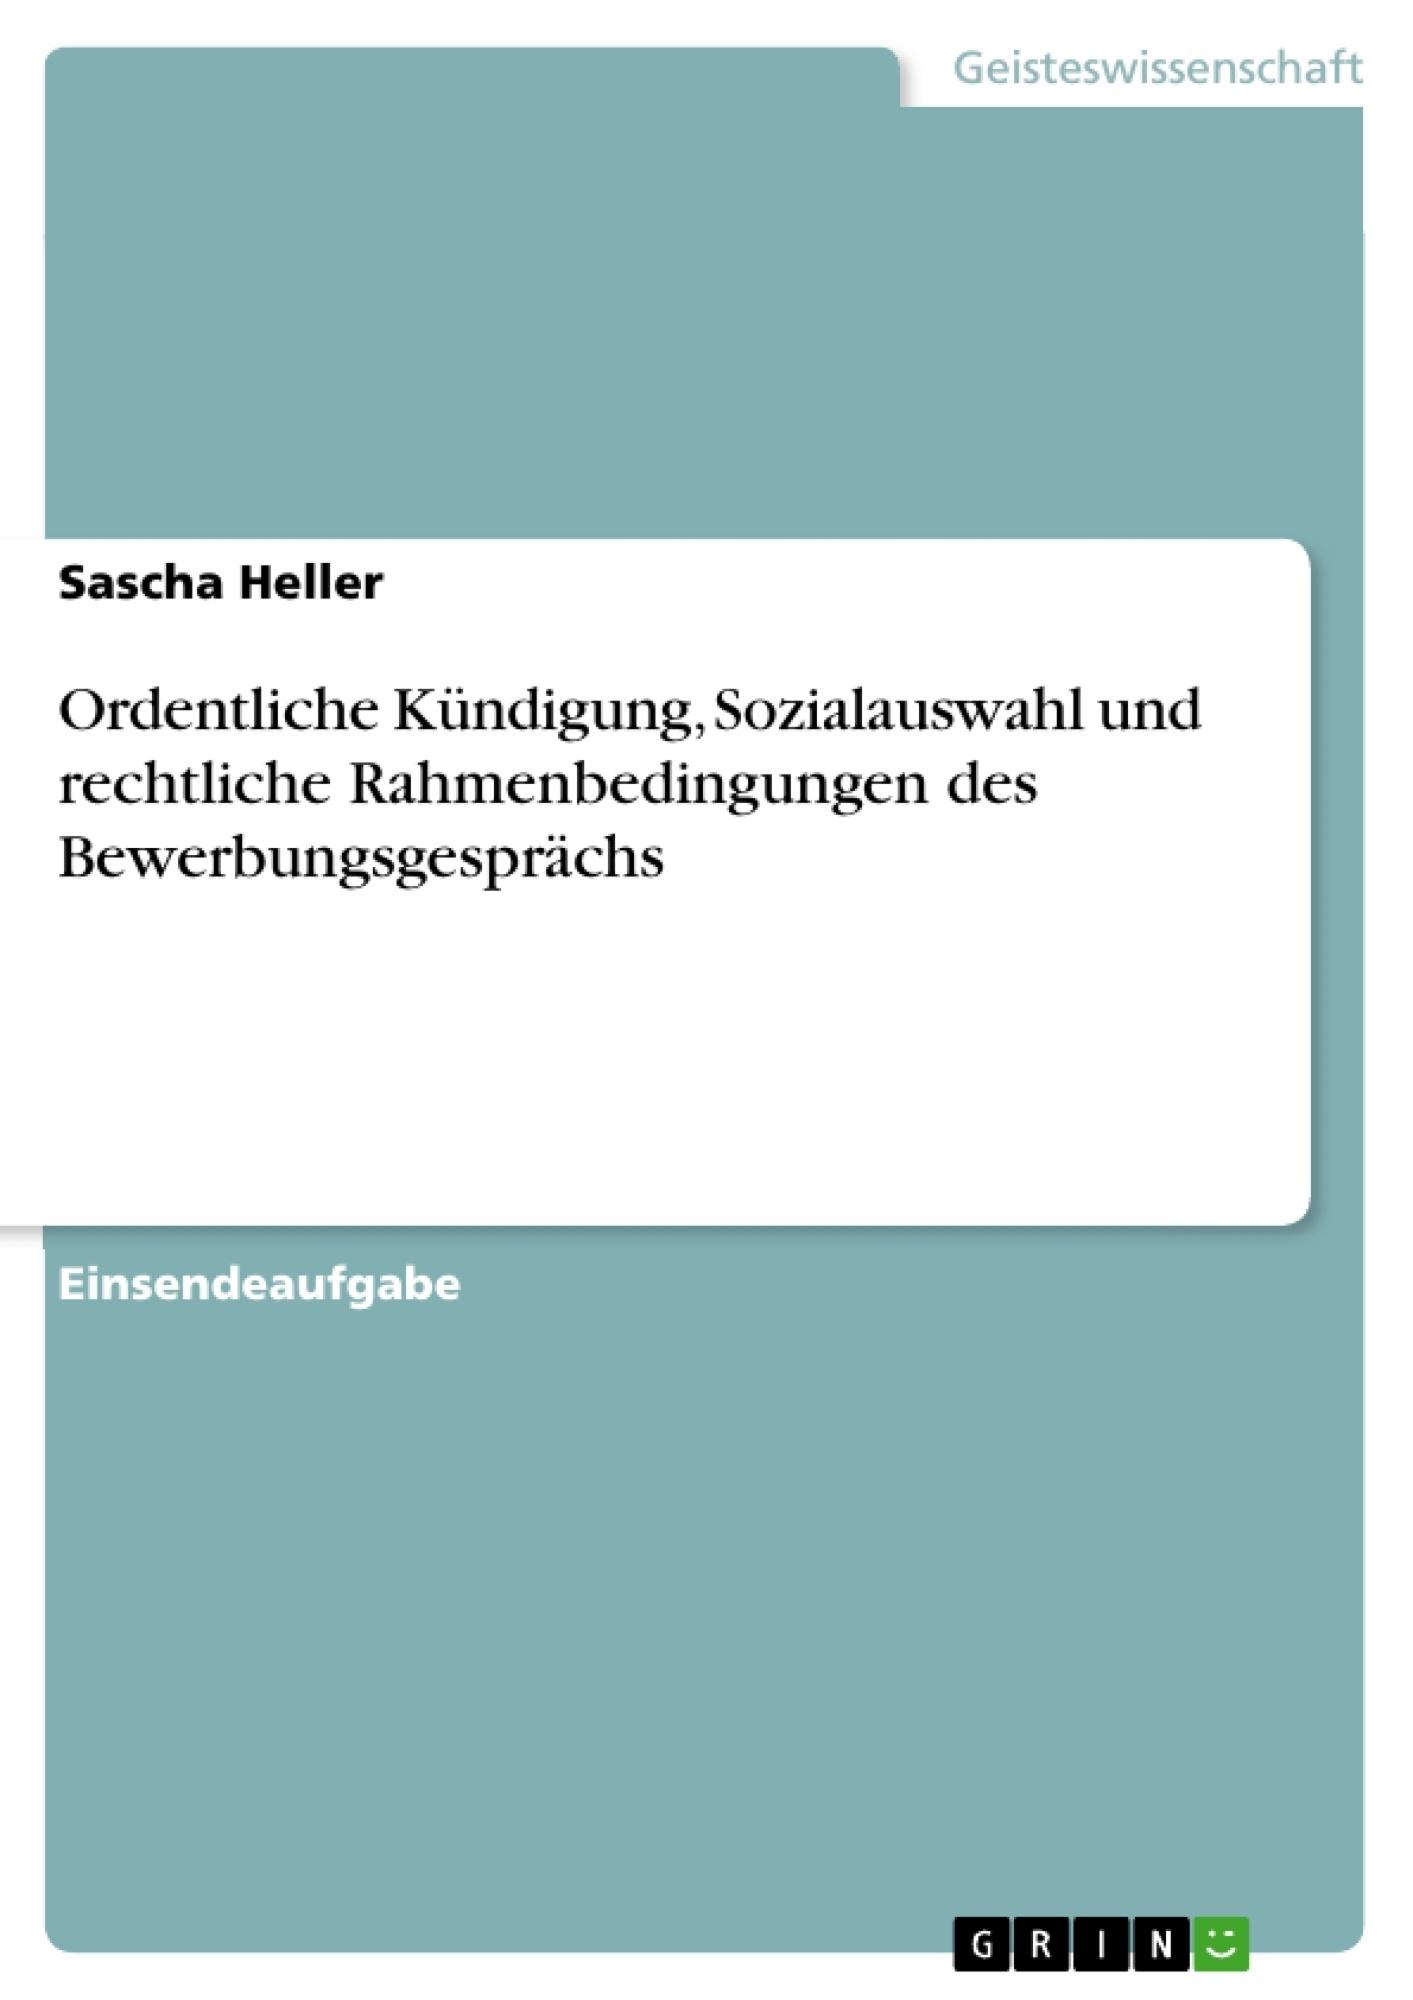 Titel: Ordentliche Kündigung, Sozialauswahl und rechtliche Rahmenbedingungen des Bewerbungsgesprächs